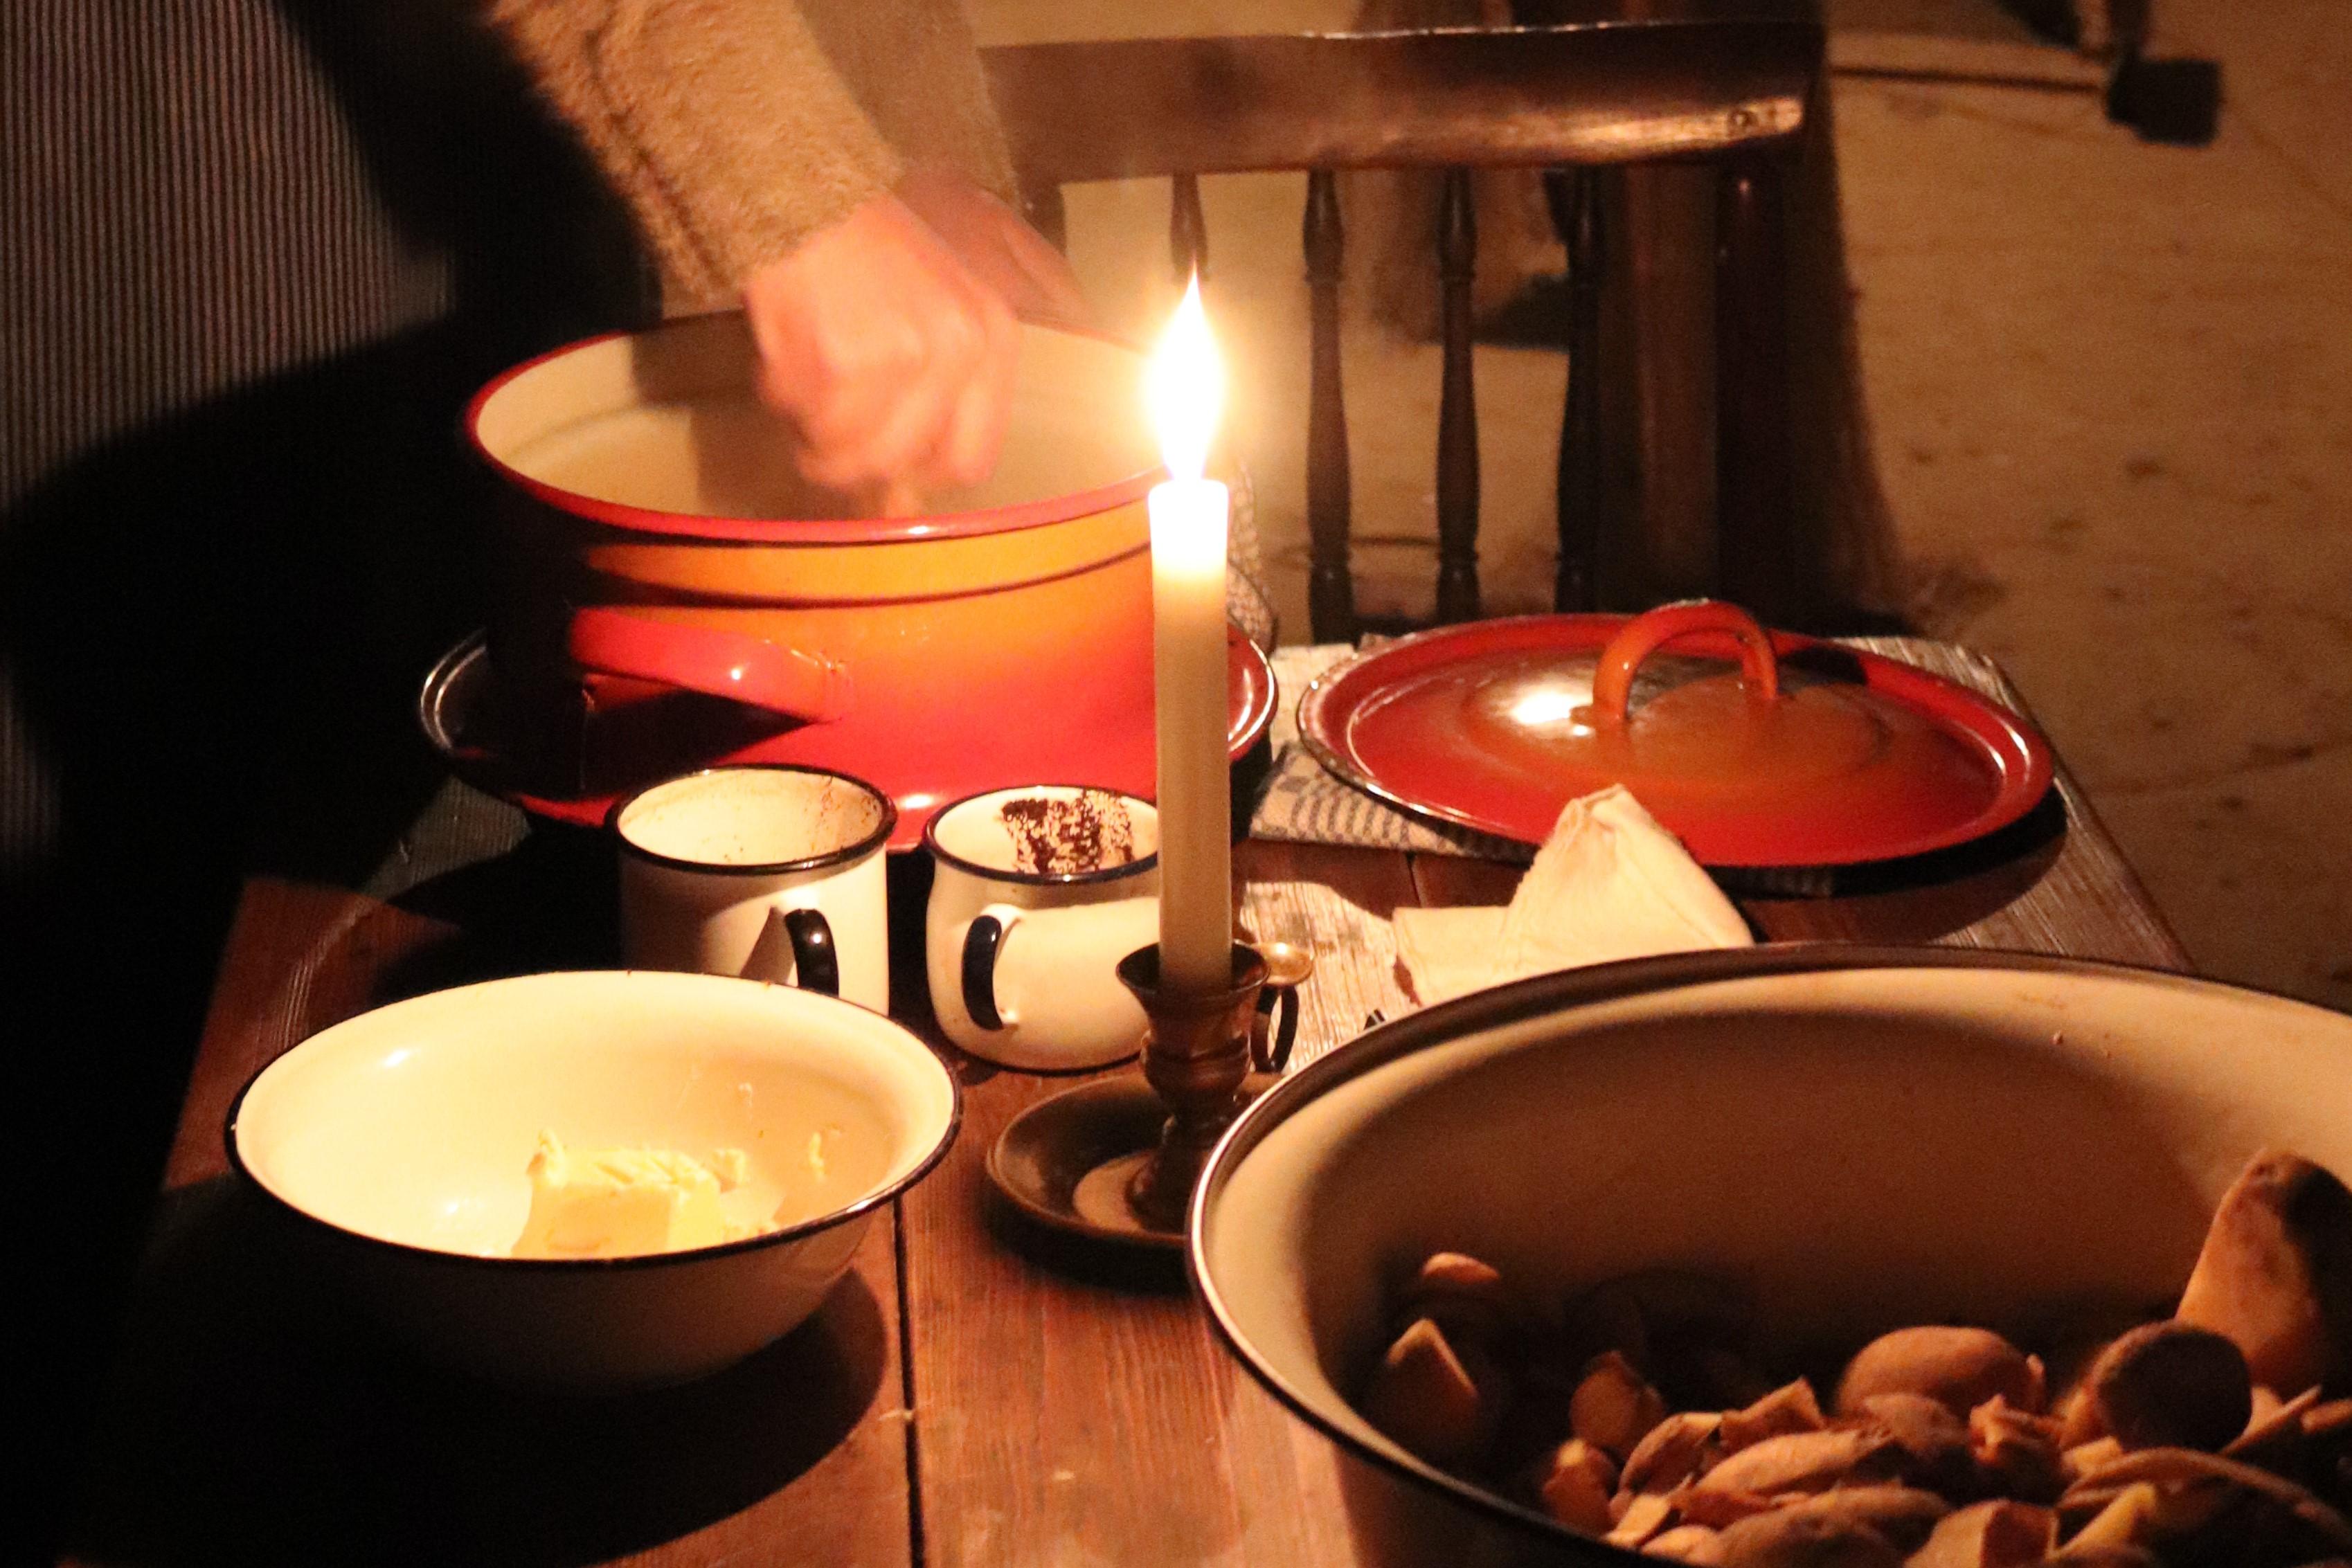 Feuer und Licht, Vorbereitung Abendessen